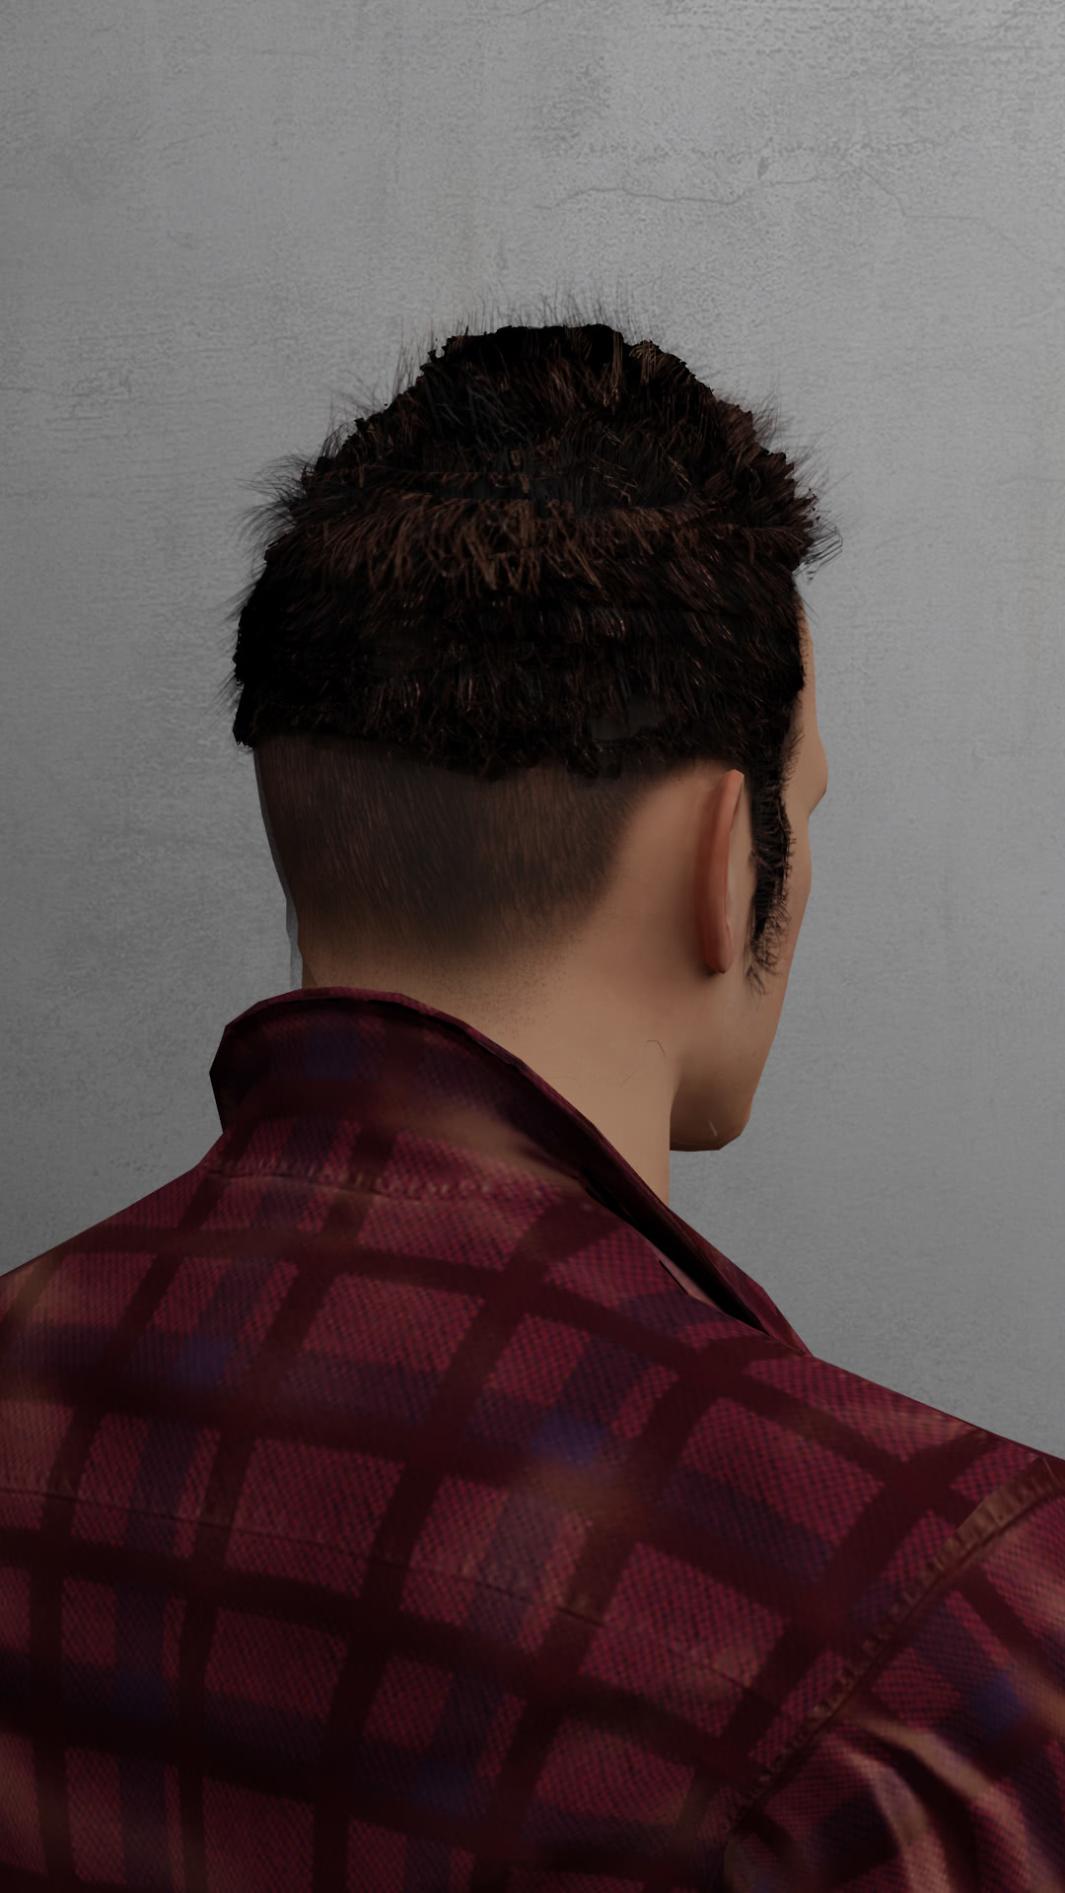 Tutorial: Ihr zweites Ich in 3D: Bildanforderung 1